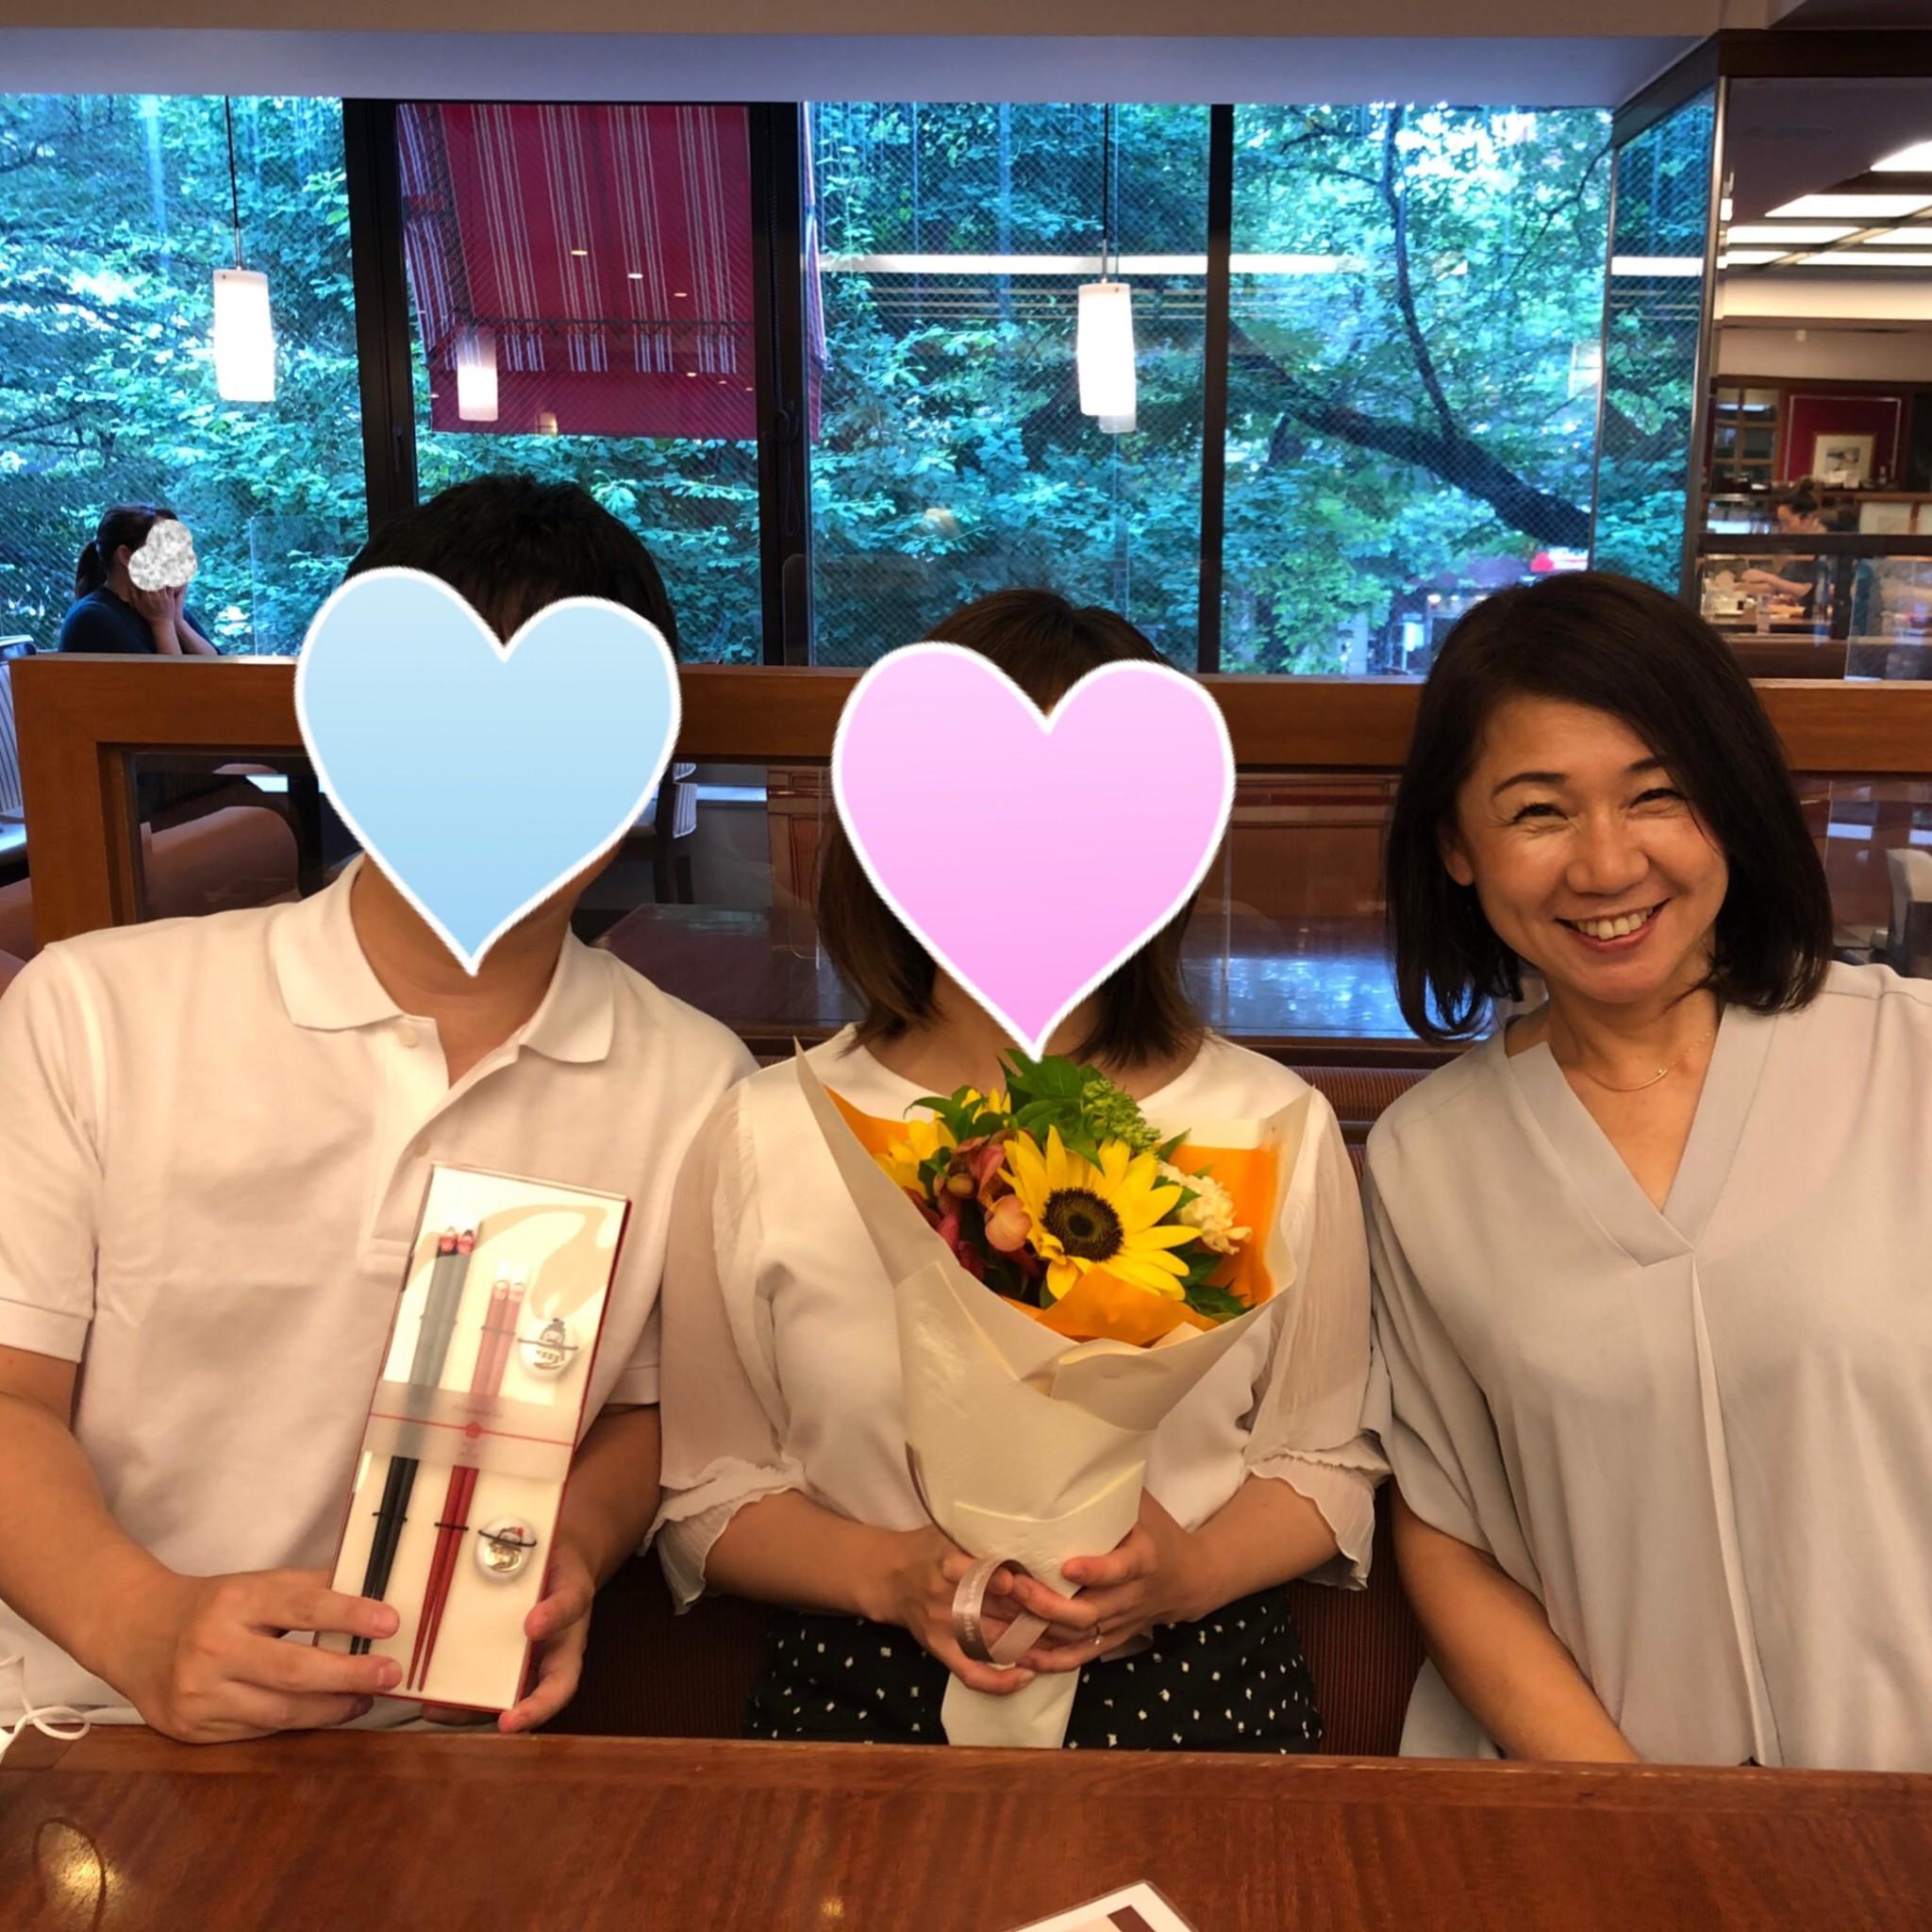 35歳女性・32歳男性 結婚相談所で起った奇跡の軌跡。ミラクルなご成婚!